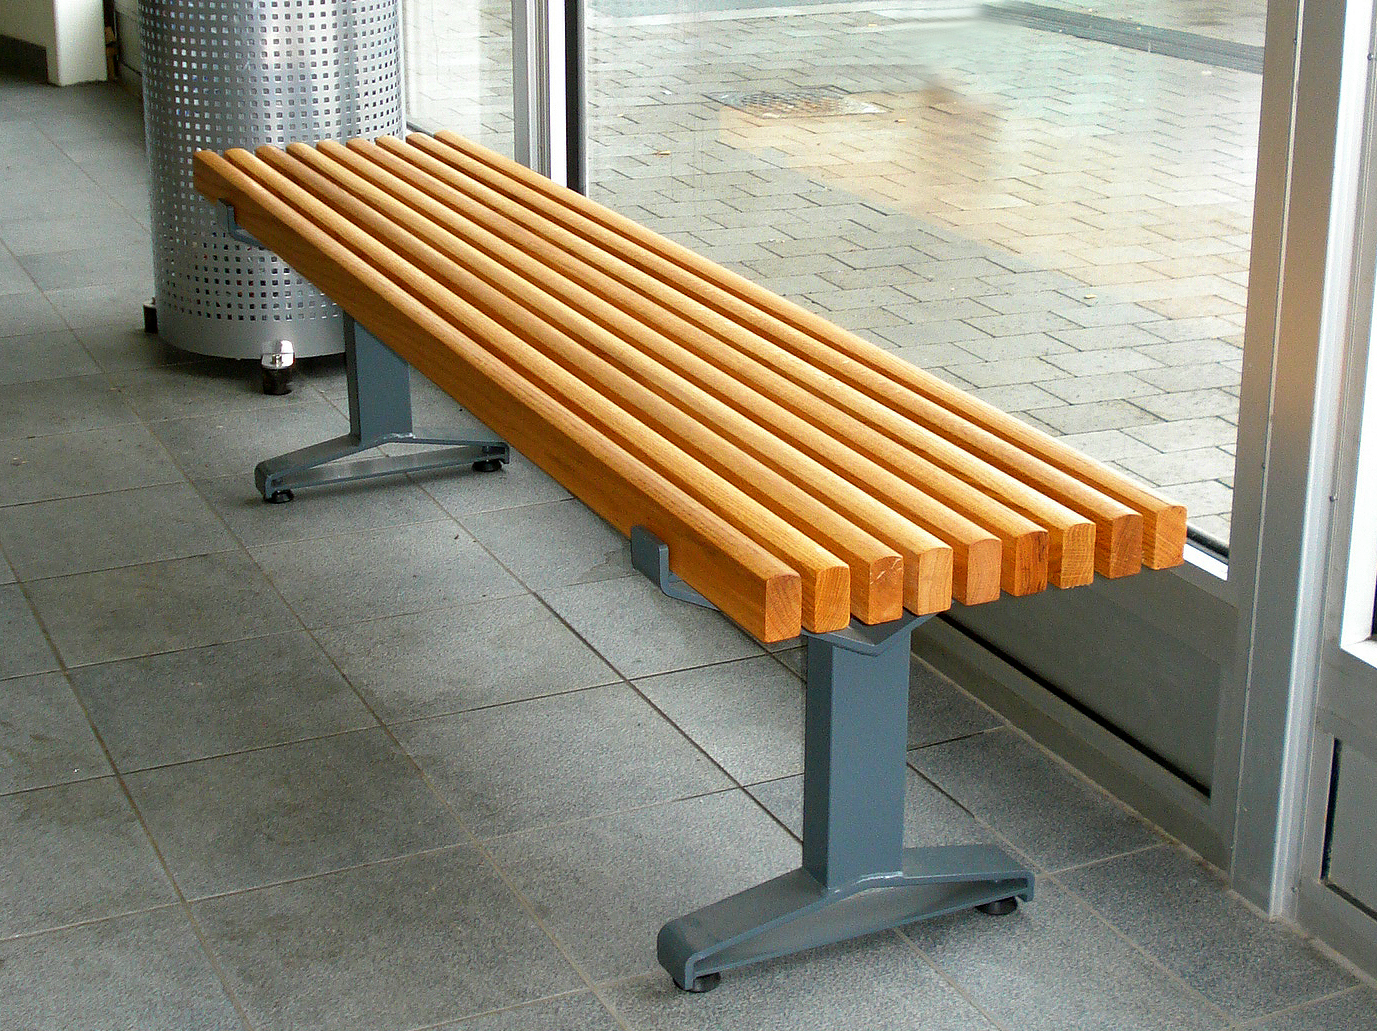 Gartenbank Holz Ohne RUckenlehne ~ Sitzbank aus Stahl und Holz ohne Rückenlehne LUMA  Bank ohne